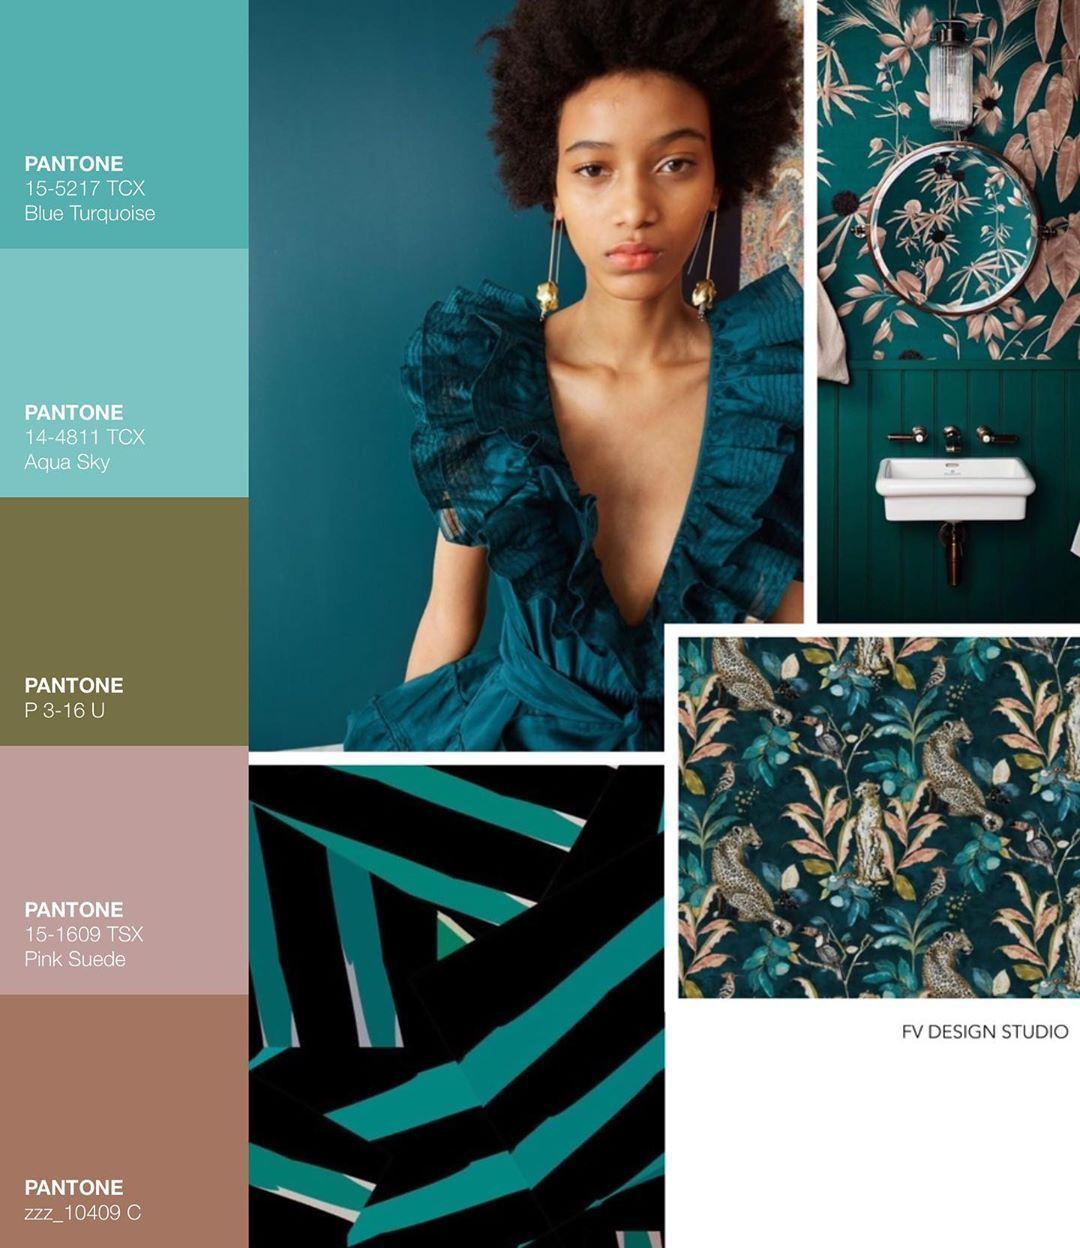 FV DESIGN STUDIO on Instagram: Trend x Color l TEAL TALES